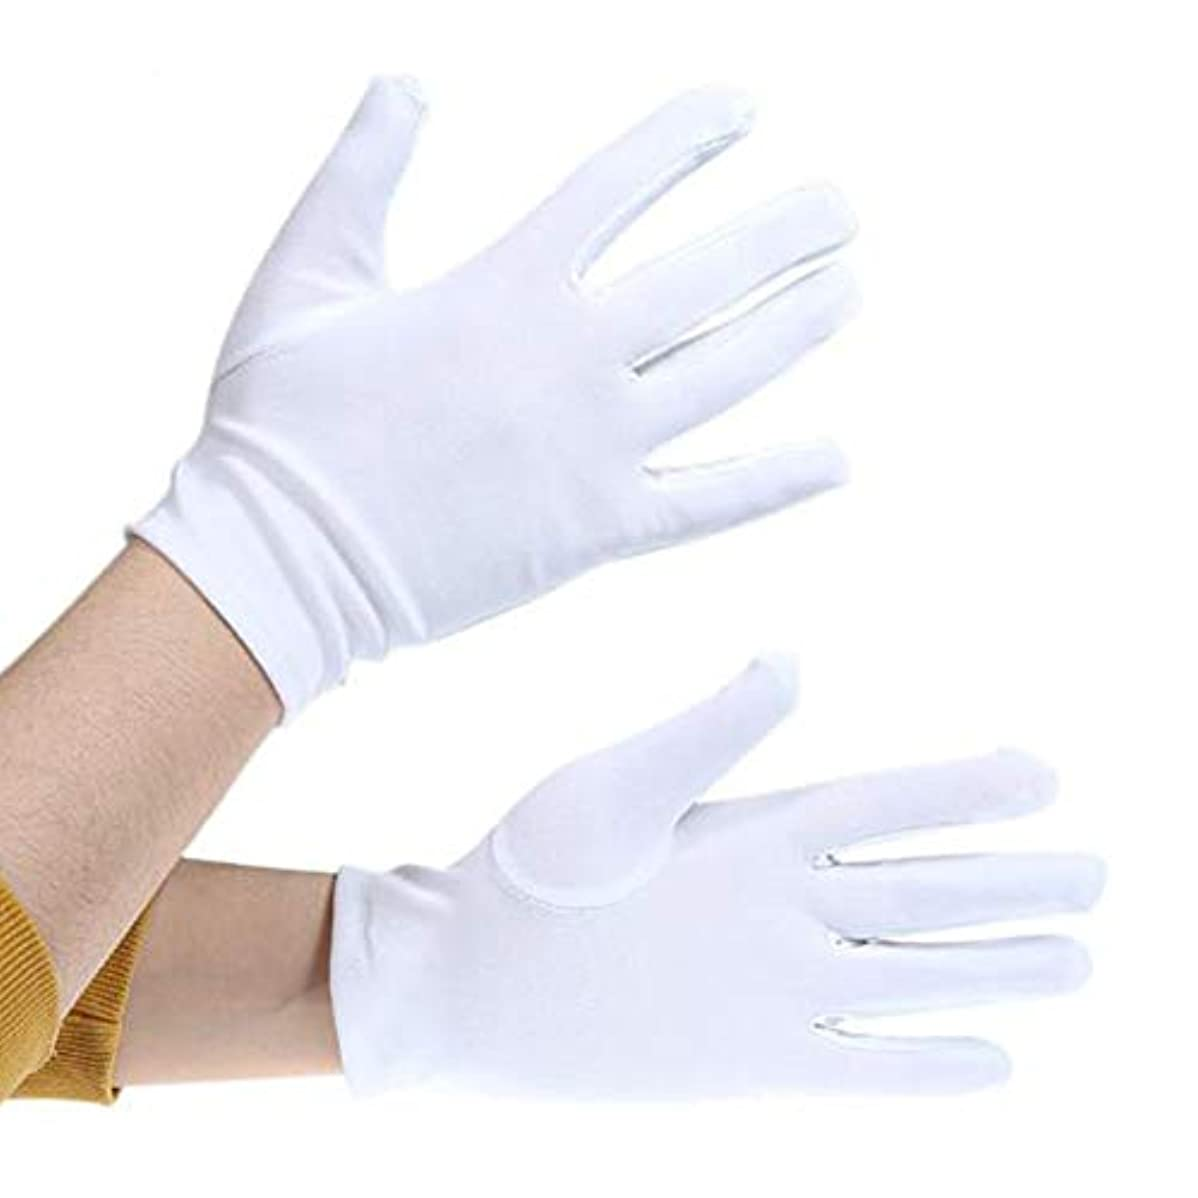 温室告発者文明化する白手袋薄 礼装用 ジュエリーグローブ時計 貴金属 宝石 接客用 品質管理用 作業用手ぶくろ,保護着用者